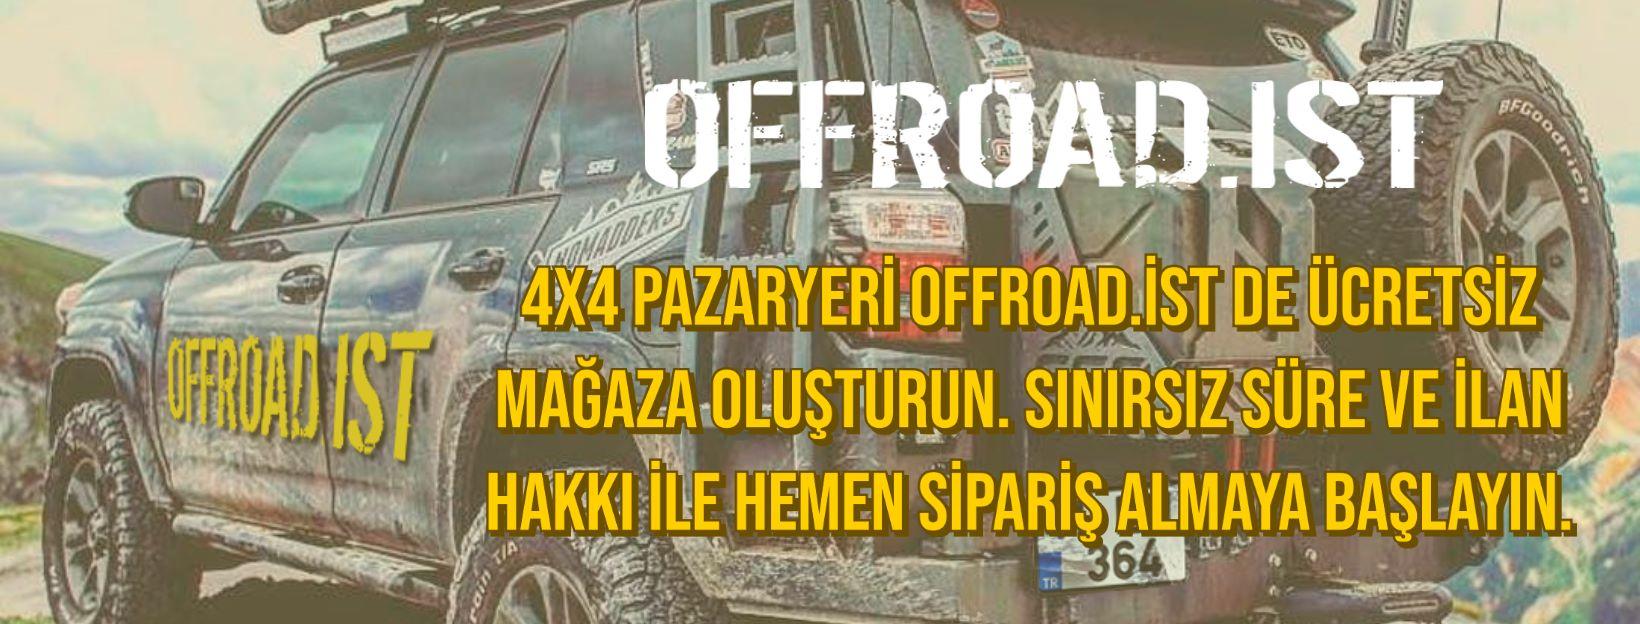 Off Road Aksesuar Mağazalarını ve en iyi 4×4 Ekipman Üreticilerini Keşfedin!